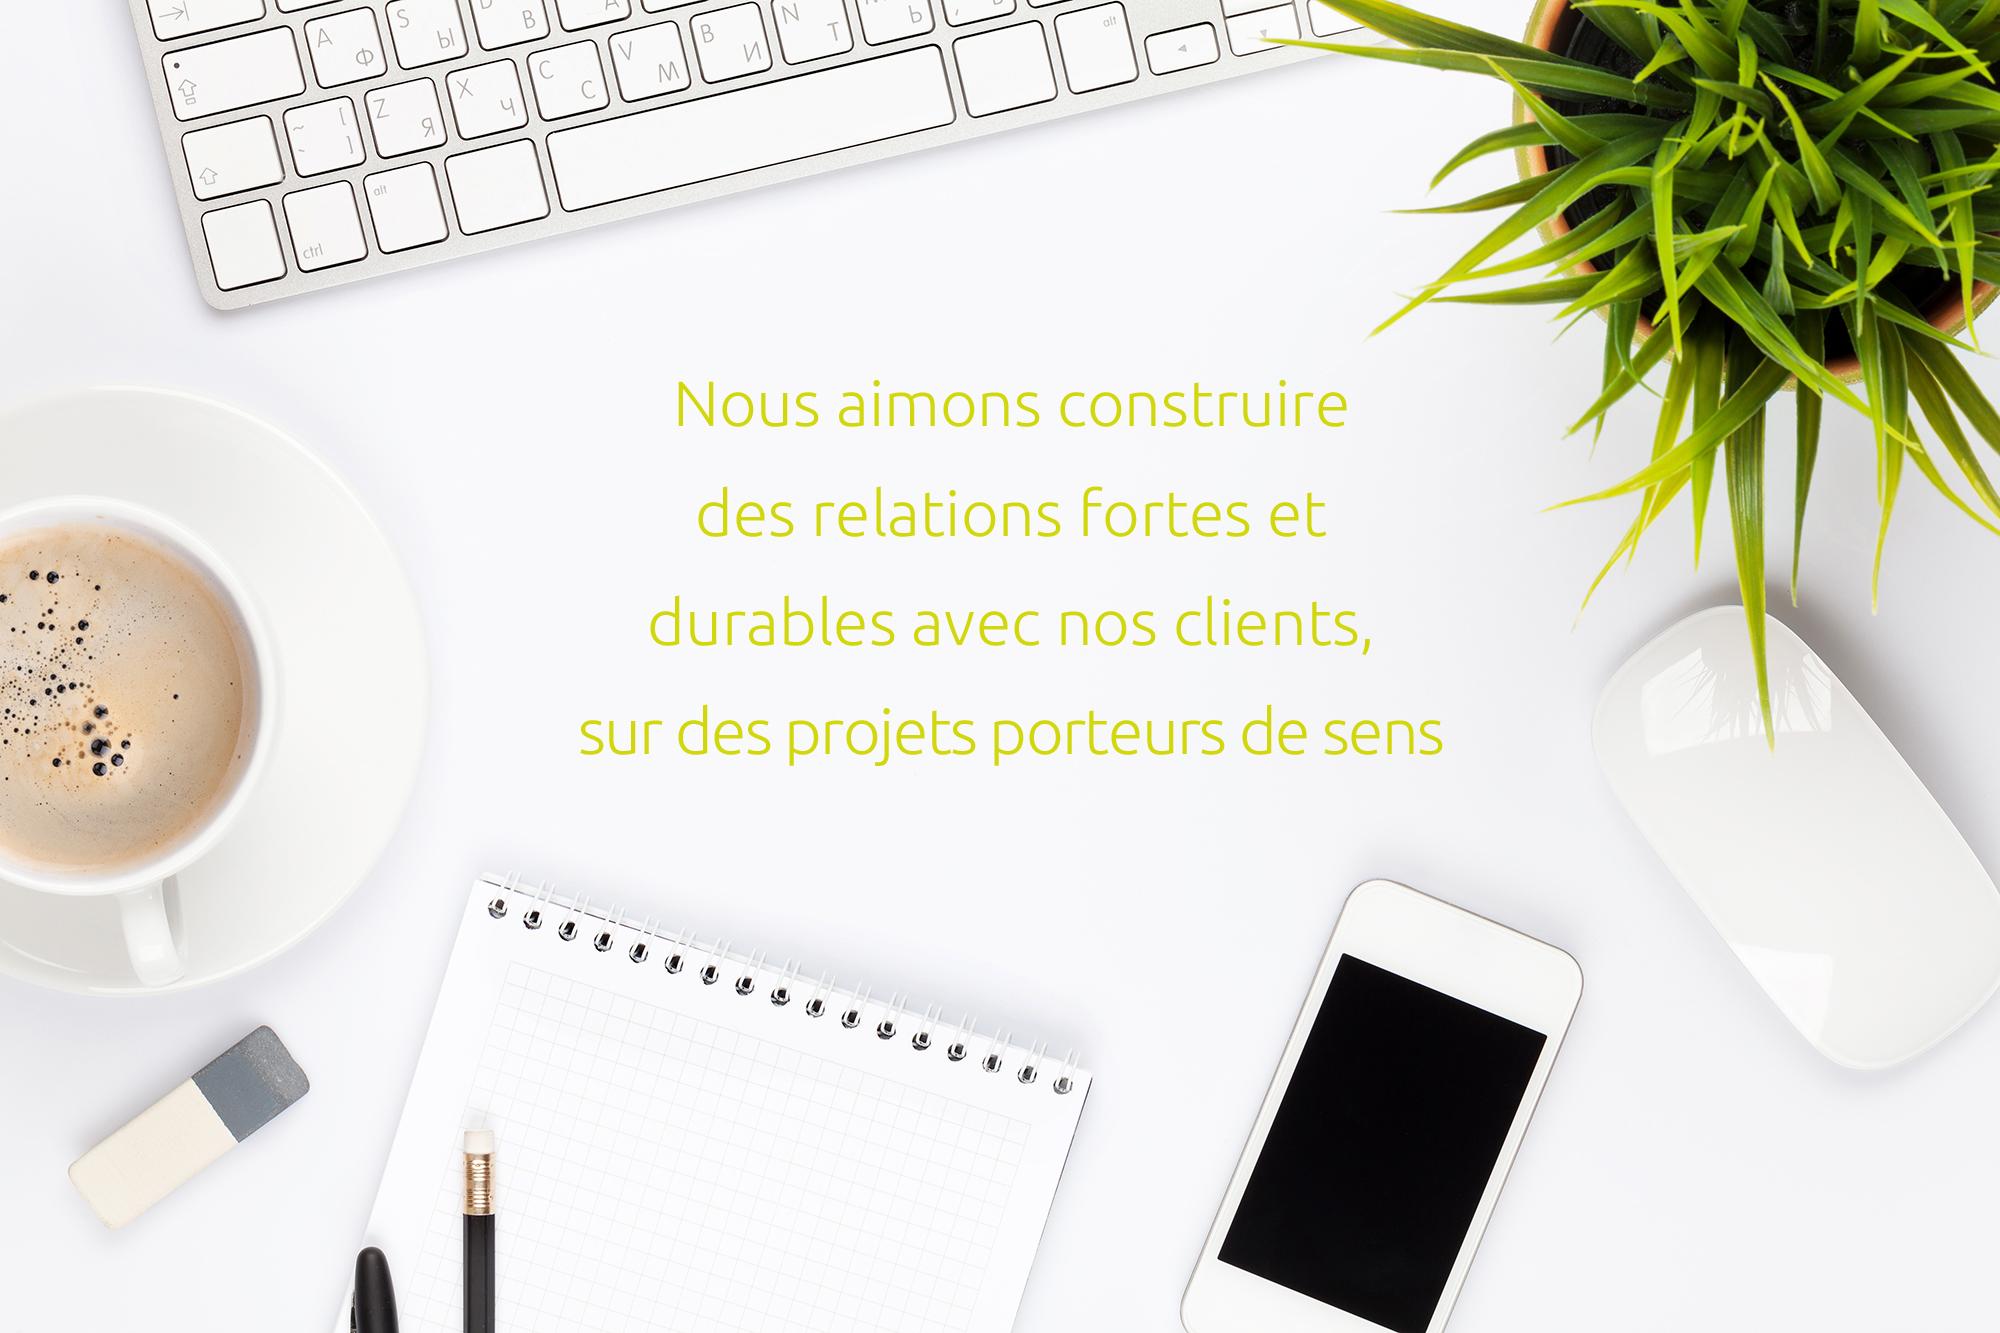 Nous aimons construire des relations fortes et durables avec nos clients, sur des projets porteurs de sens